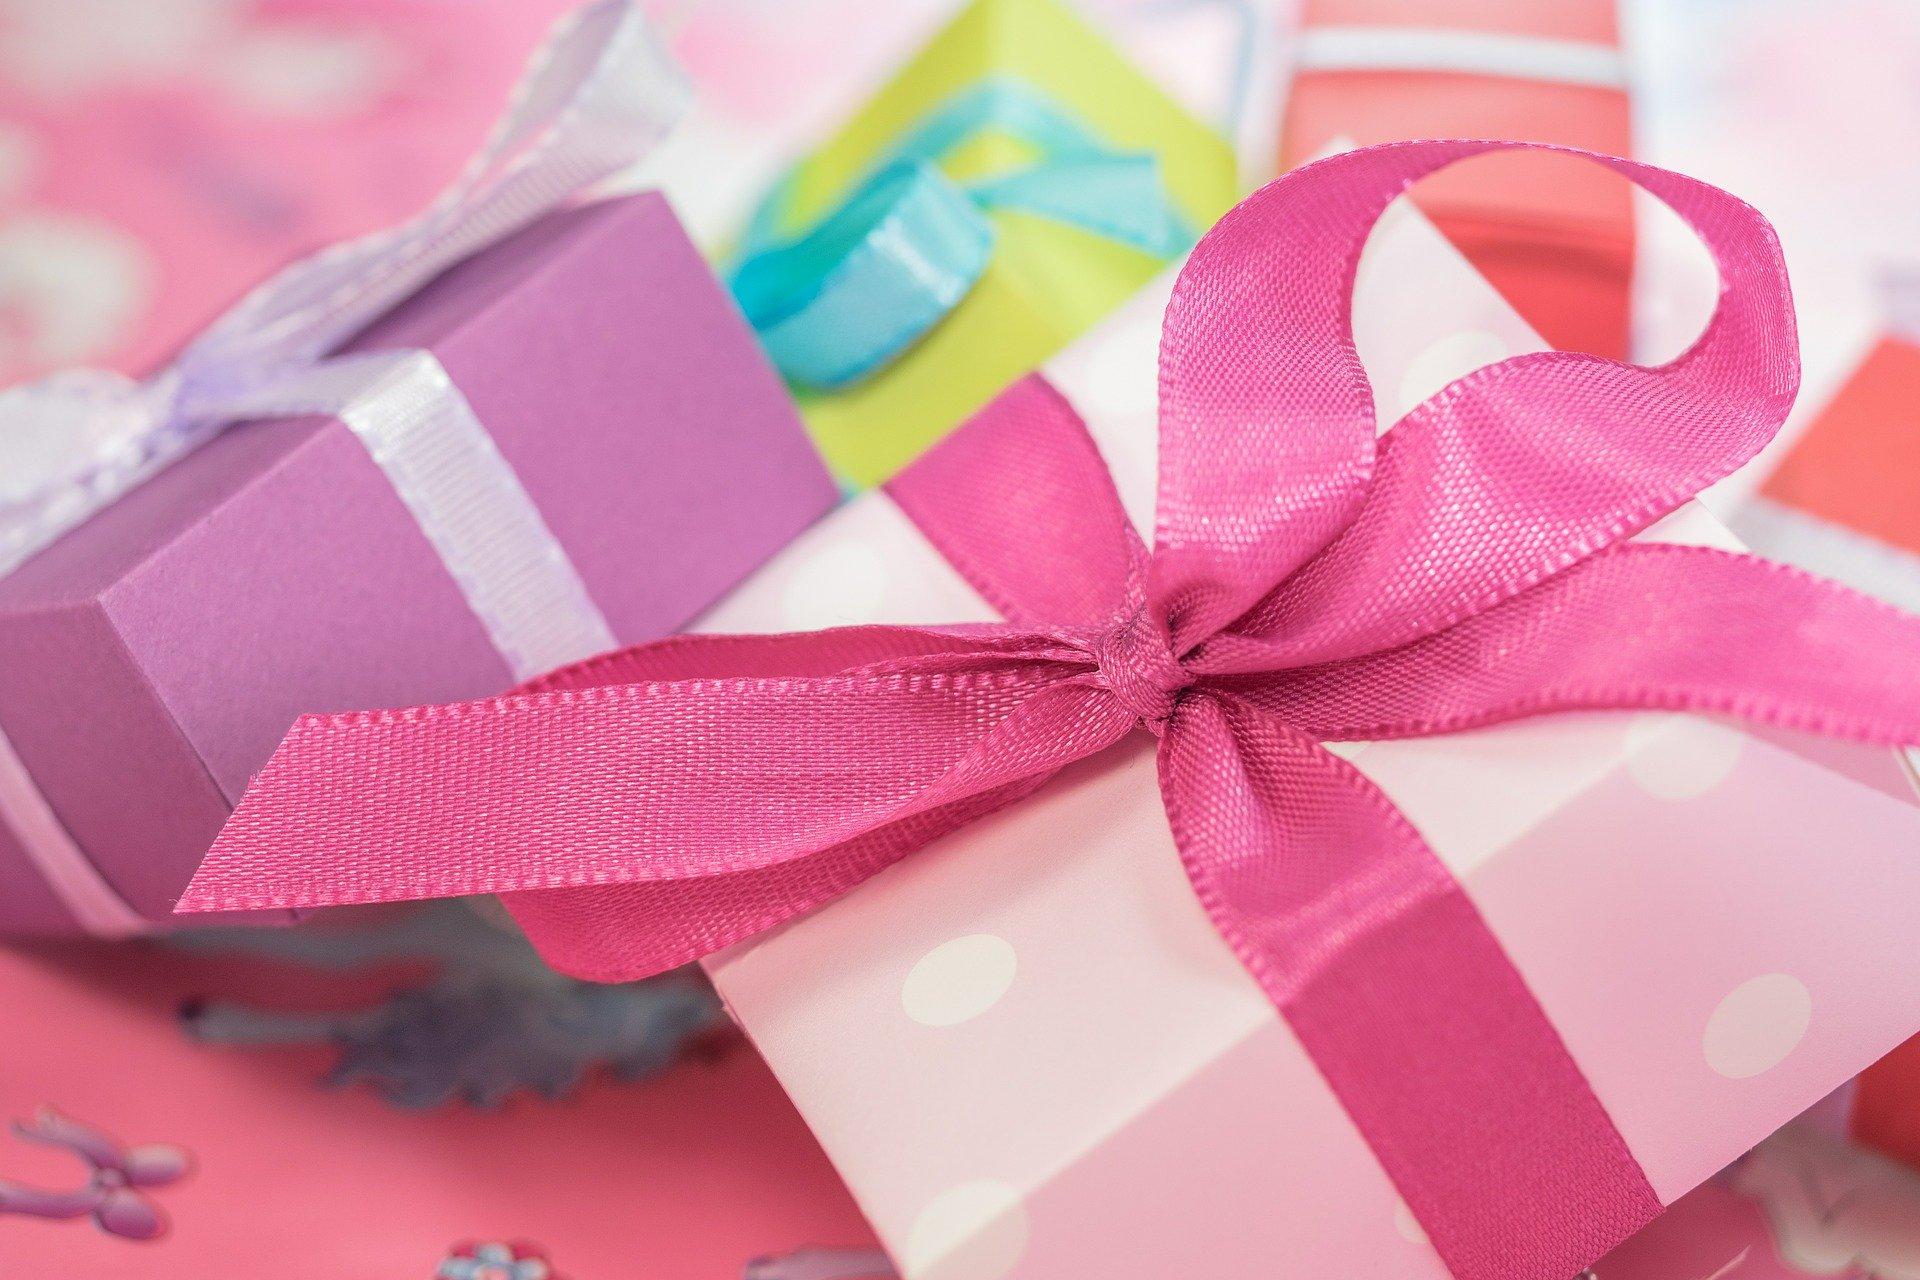 可愛いリボンと箱に包まれたプレゼント